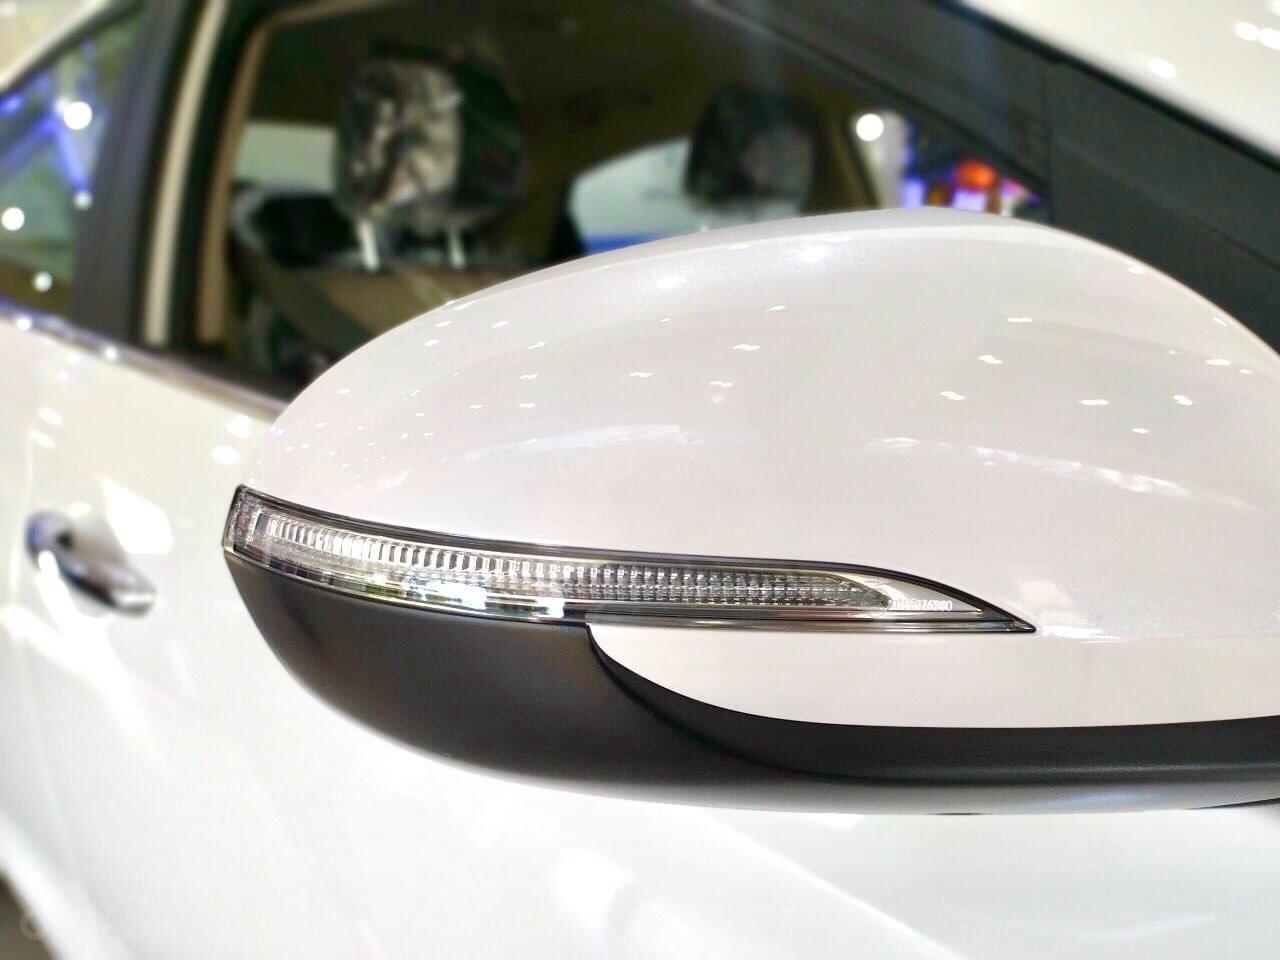 {Hyundai Miền Nam} Hyundai Accent 2021 có sẵn đủ màu tặng phụ kiện: Combo 7 món phụ kiện chính hãng (10)